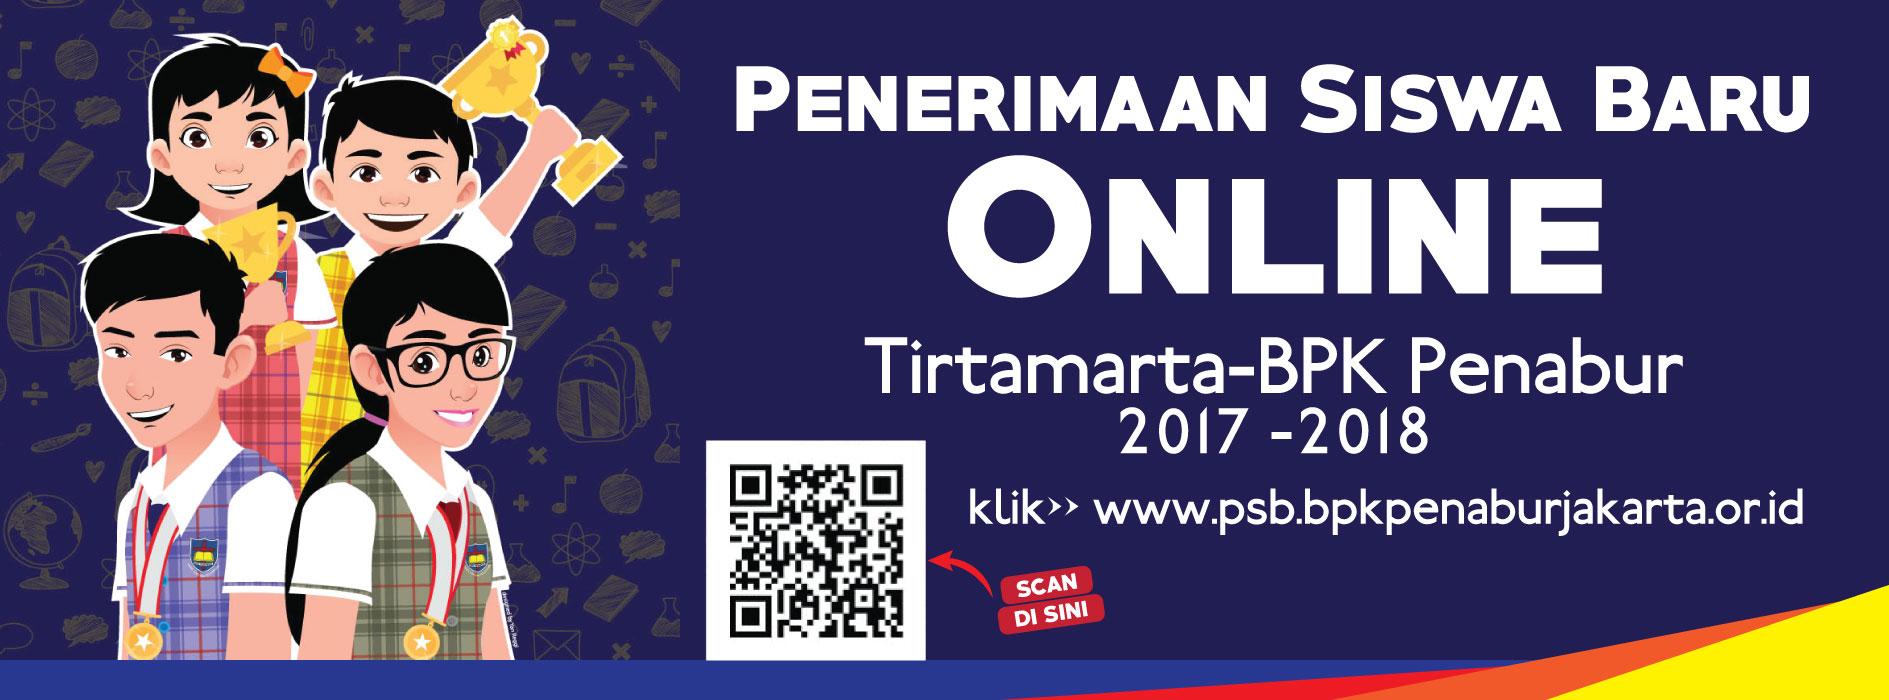 PENERIMAAN SISWA BARU ONLINE SEKOLAH TIRTAMARTA BPK PENABUR 2017 2018